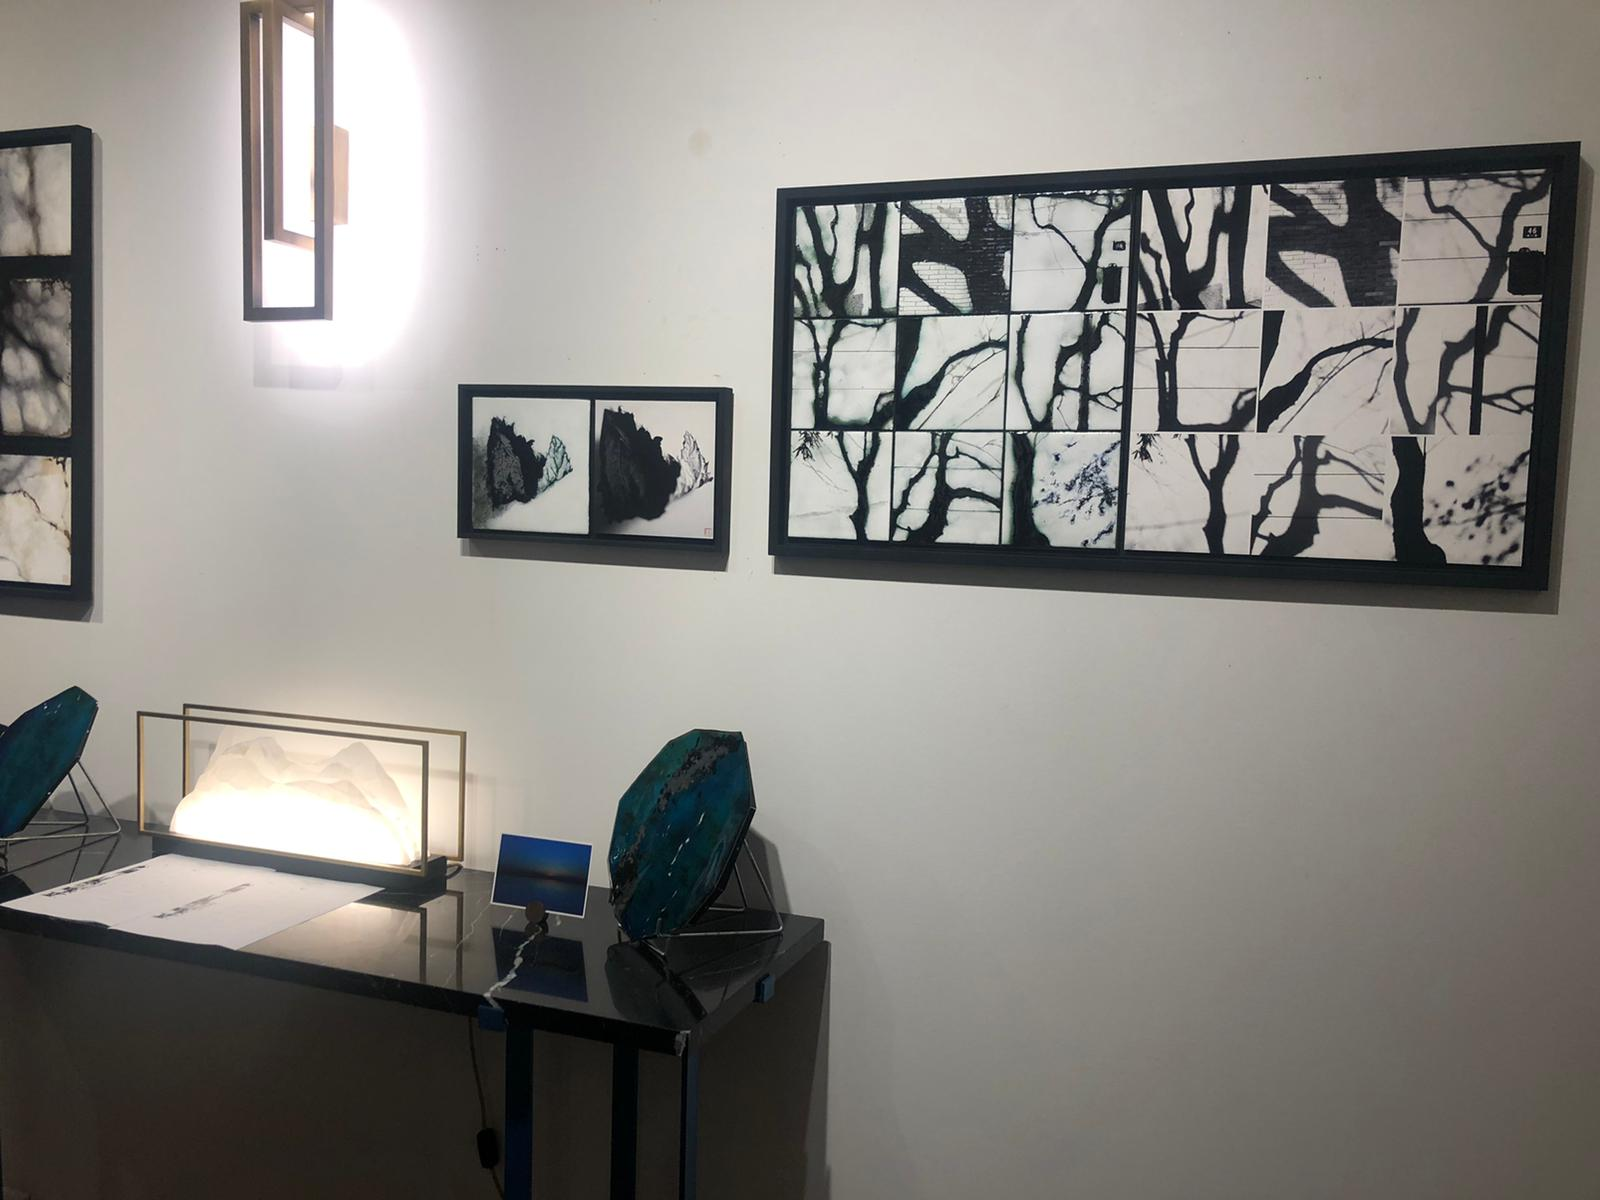 Aperçu de 2 tableaux dans la galerie - La feuille et la composition des 9 ombres d'arbres